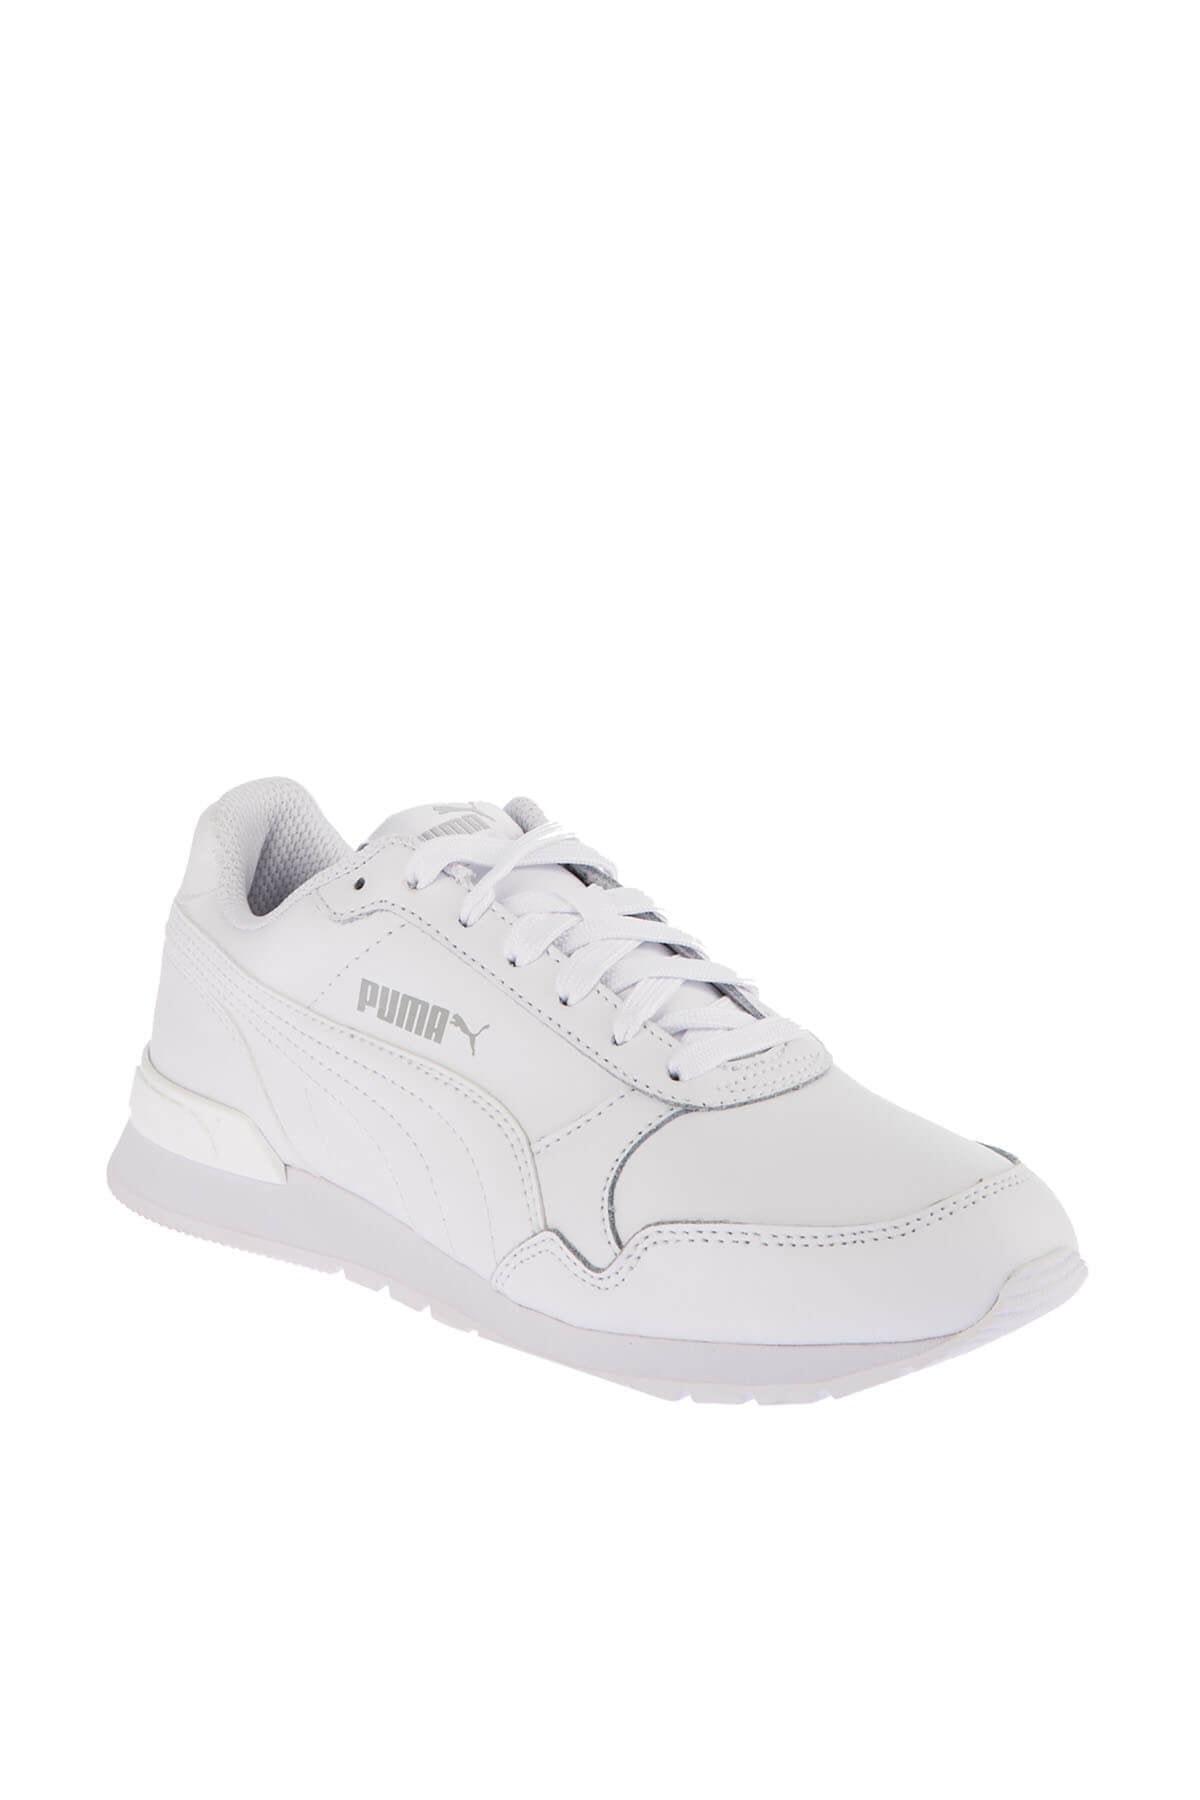 Puma Kız Spor Ayakkabı - St Runner V2 L Jr - 36695902 2